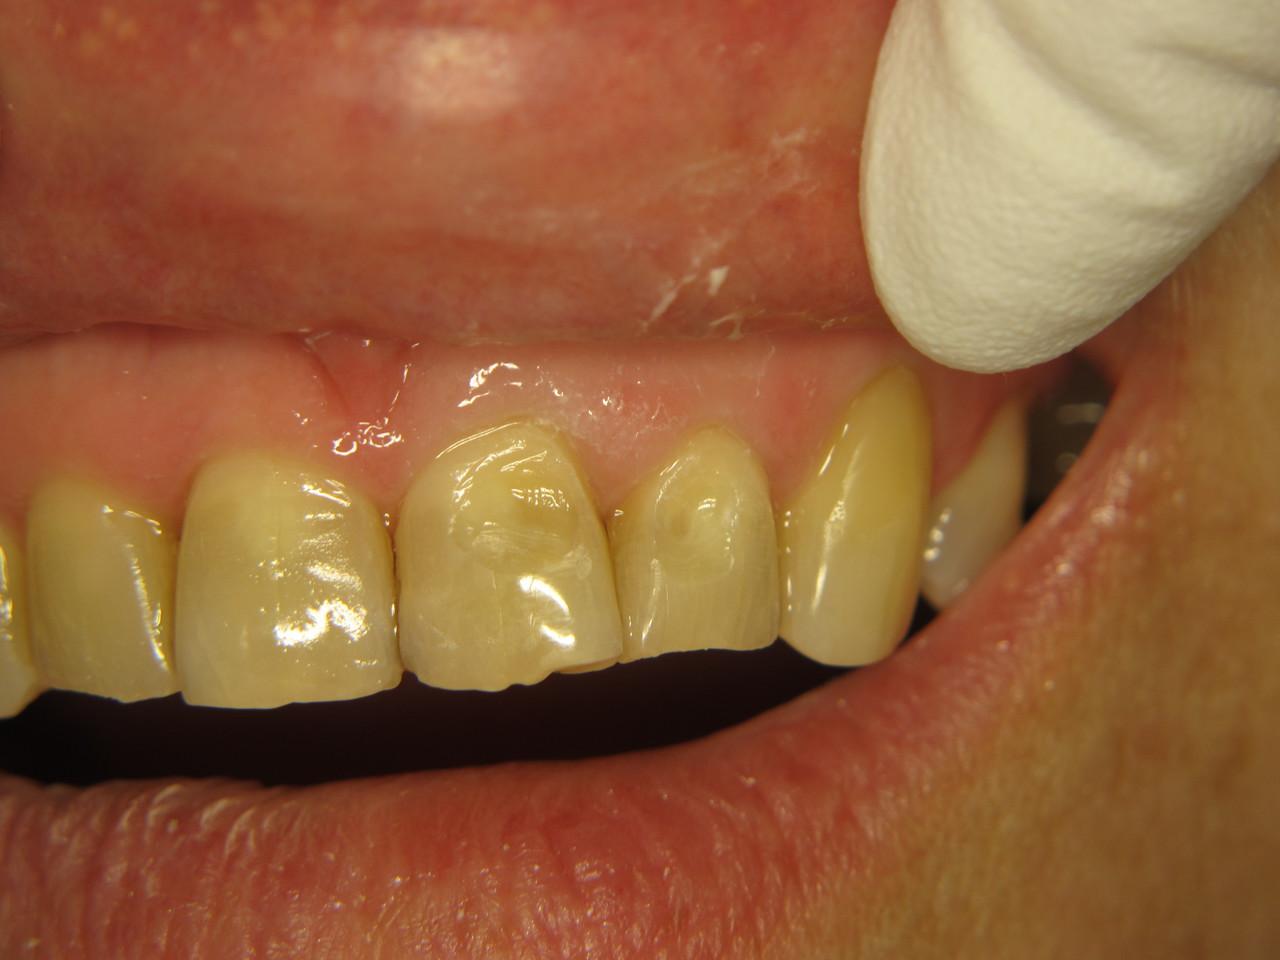 Рис. 1. Исходная клиническая ситуация: зубы 2.1 и 2.2 — эрозия эмали.